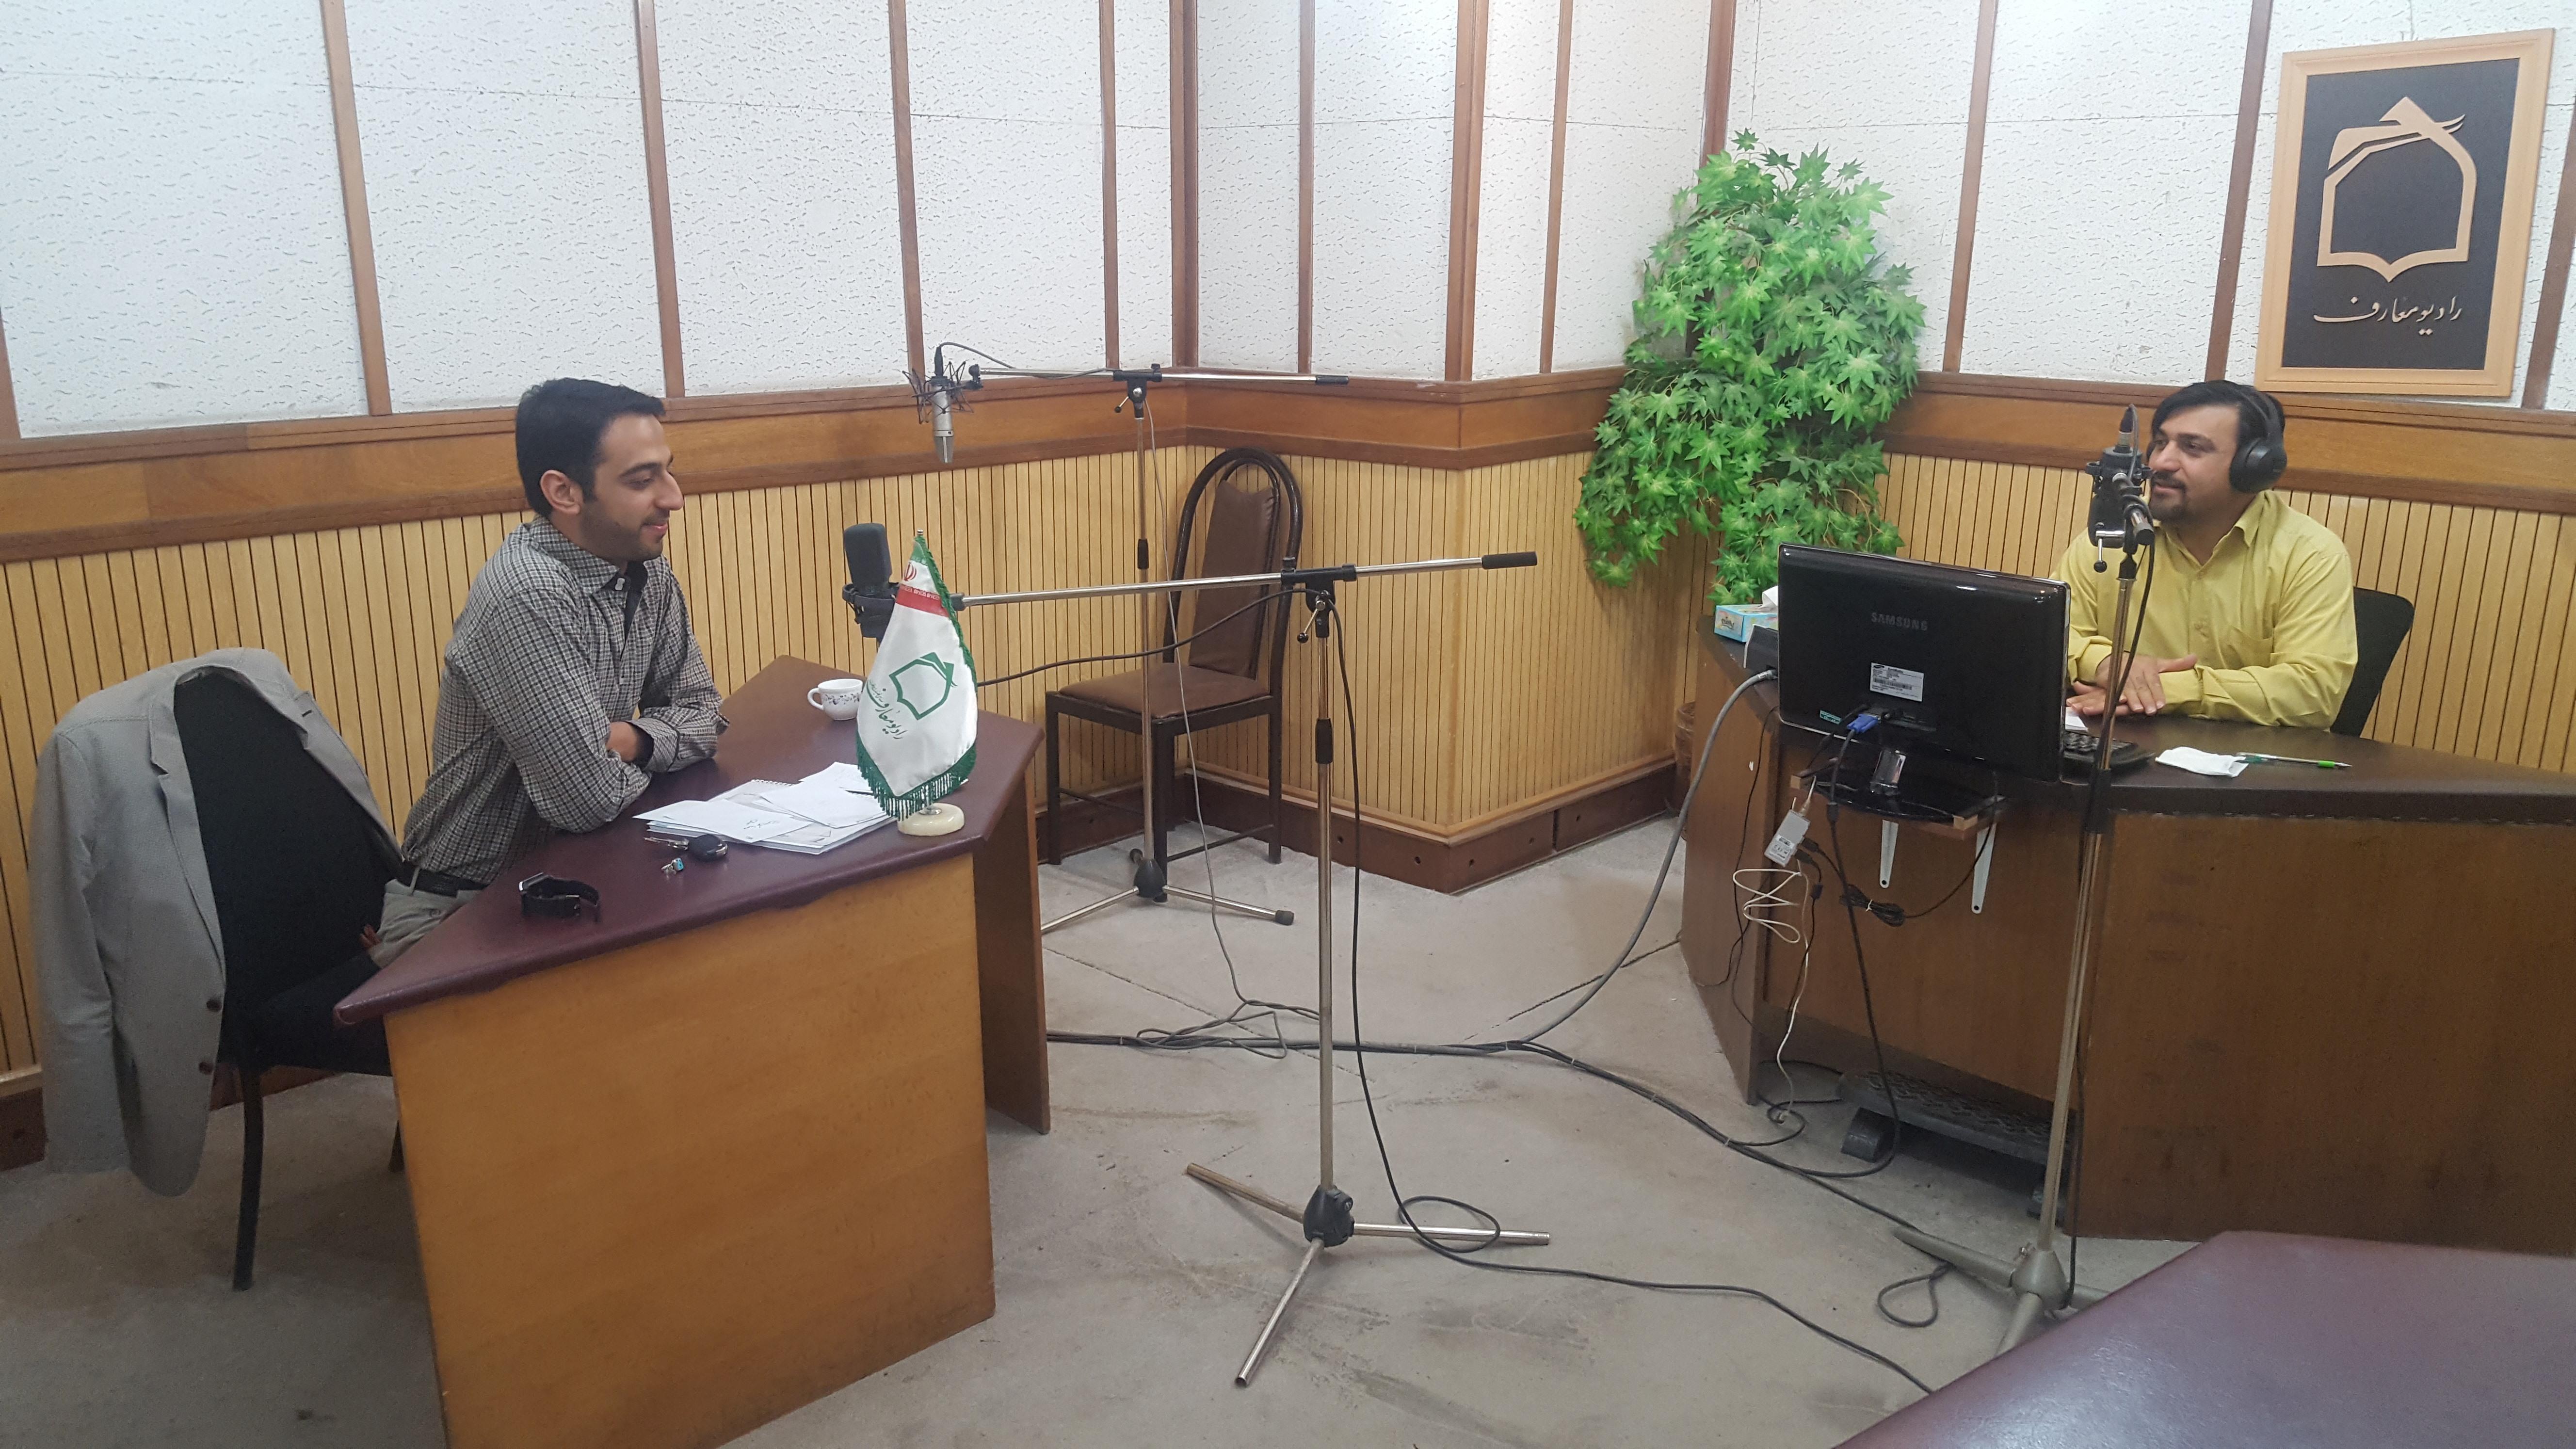 سیدمحمدحسینی رادیو معارف لذت مطالعه